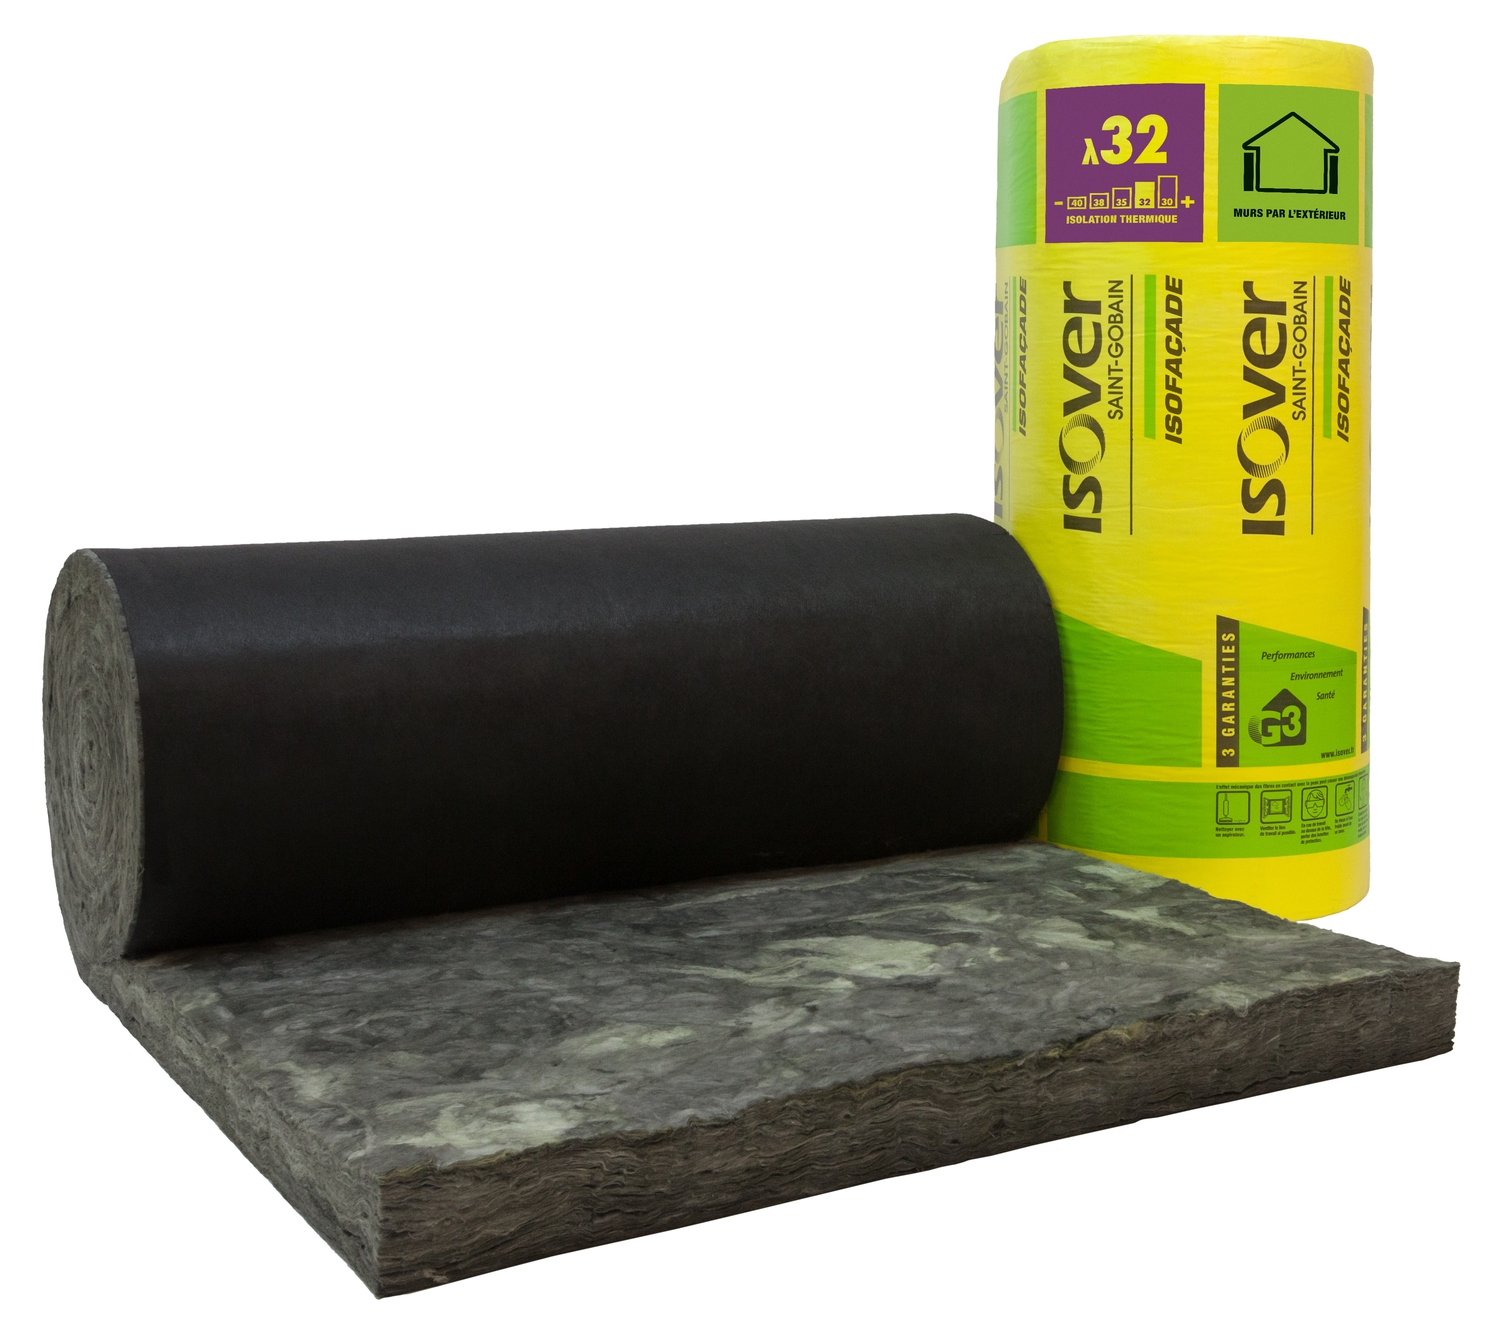 isofa ade noir 32r rouleau laine de verre. Black Bedroom Furniture Sets. Home Design Ideas